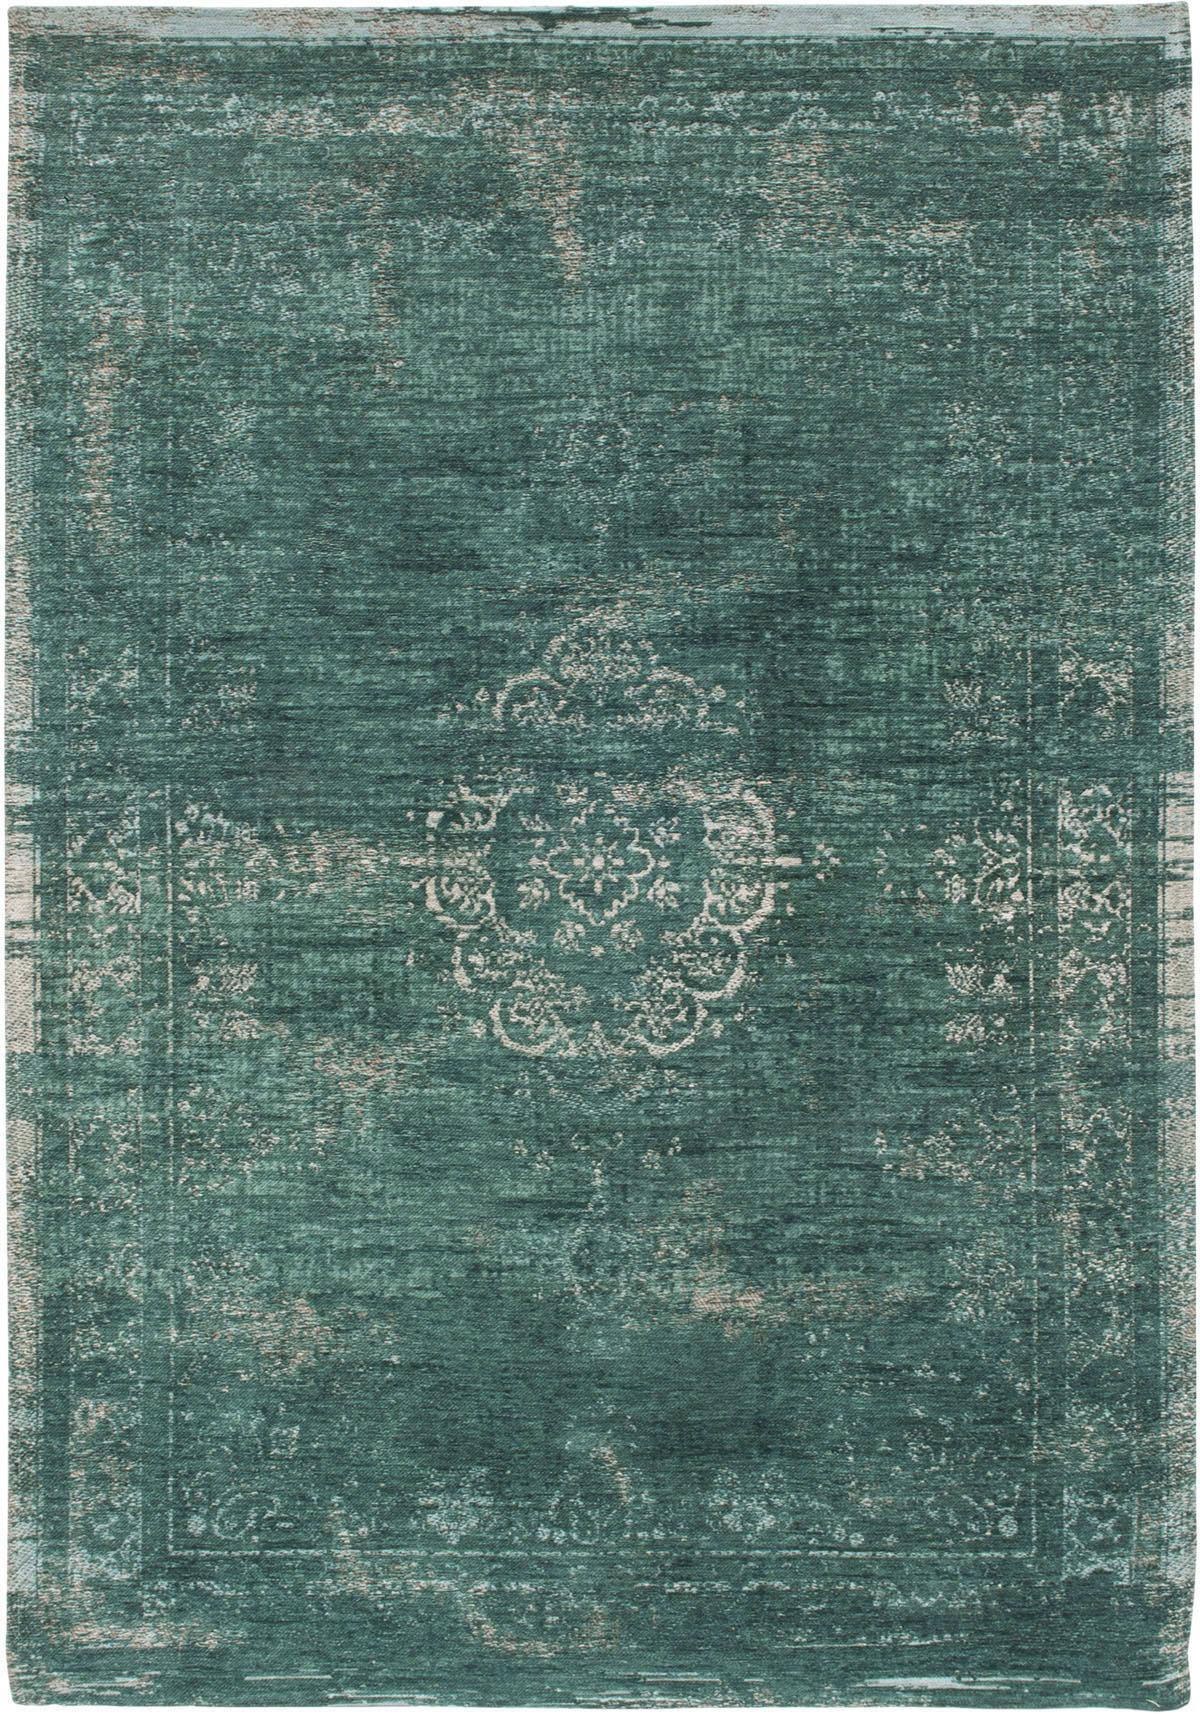 Zielony Dywan Klasyczny - JADE 8258 - Rozmiar: 140x200 cm